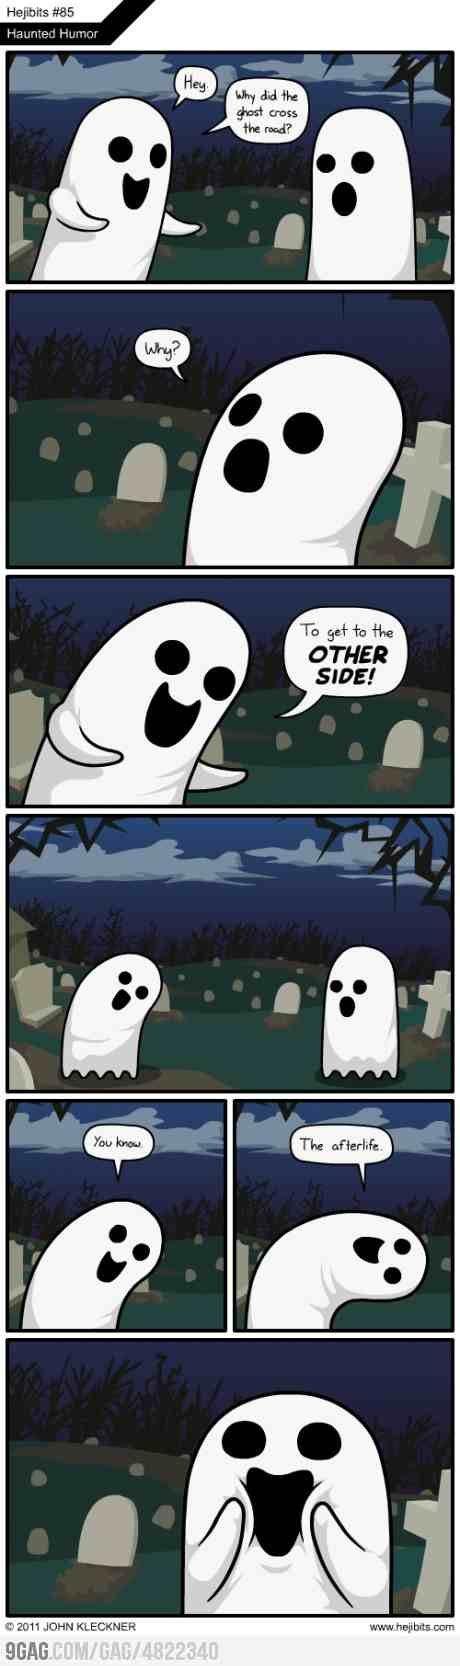 this joke killed me. . E'? 2011 95. 945. hehe, i get it. this joke killed me E'? 2011 95 945 hehe i get it